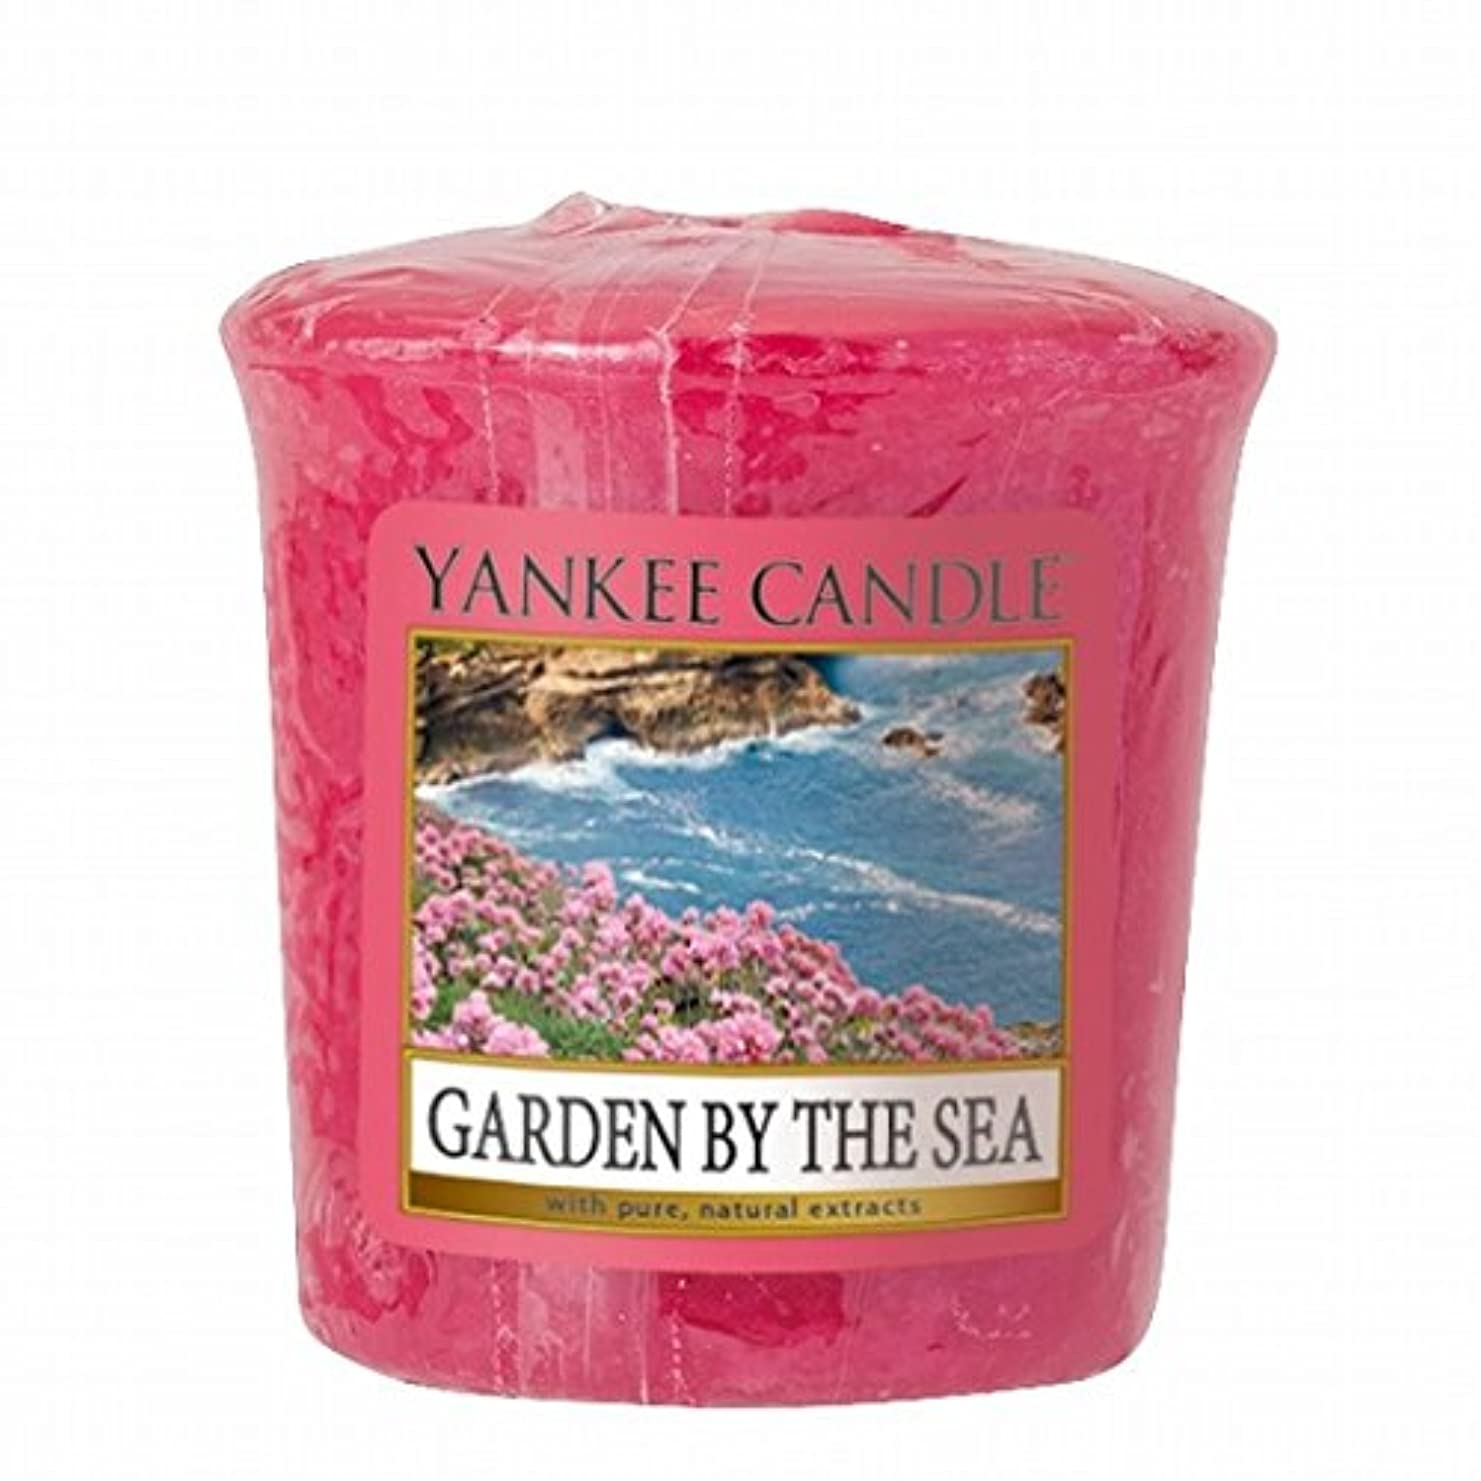 ヤンキーキャンドル(YANKEE CANDLE) YANKEE CANDLE サンプラー 「ガーデンバイザシー」